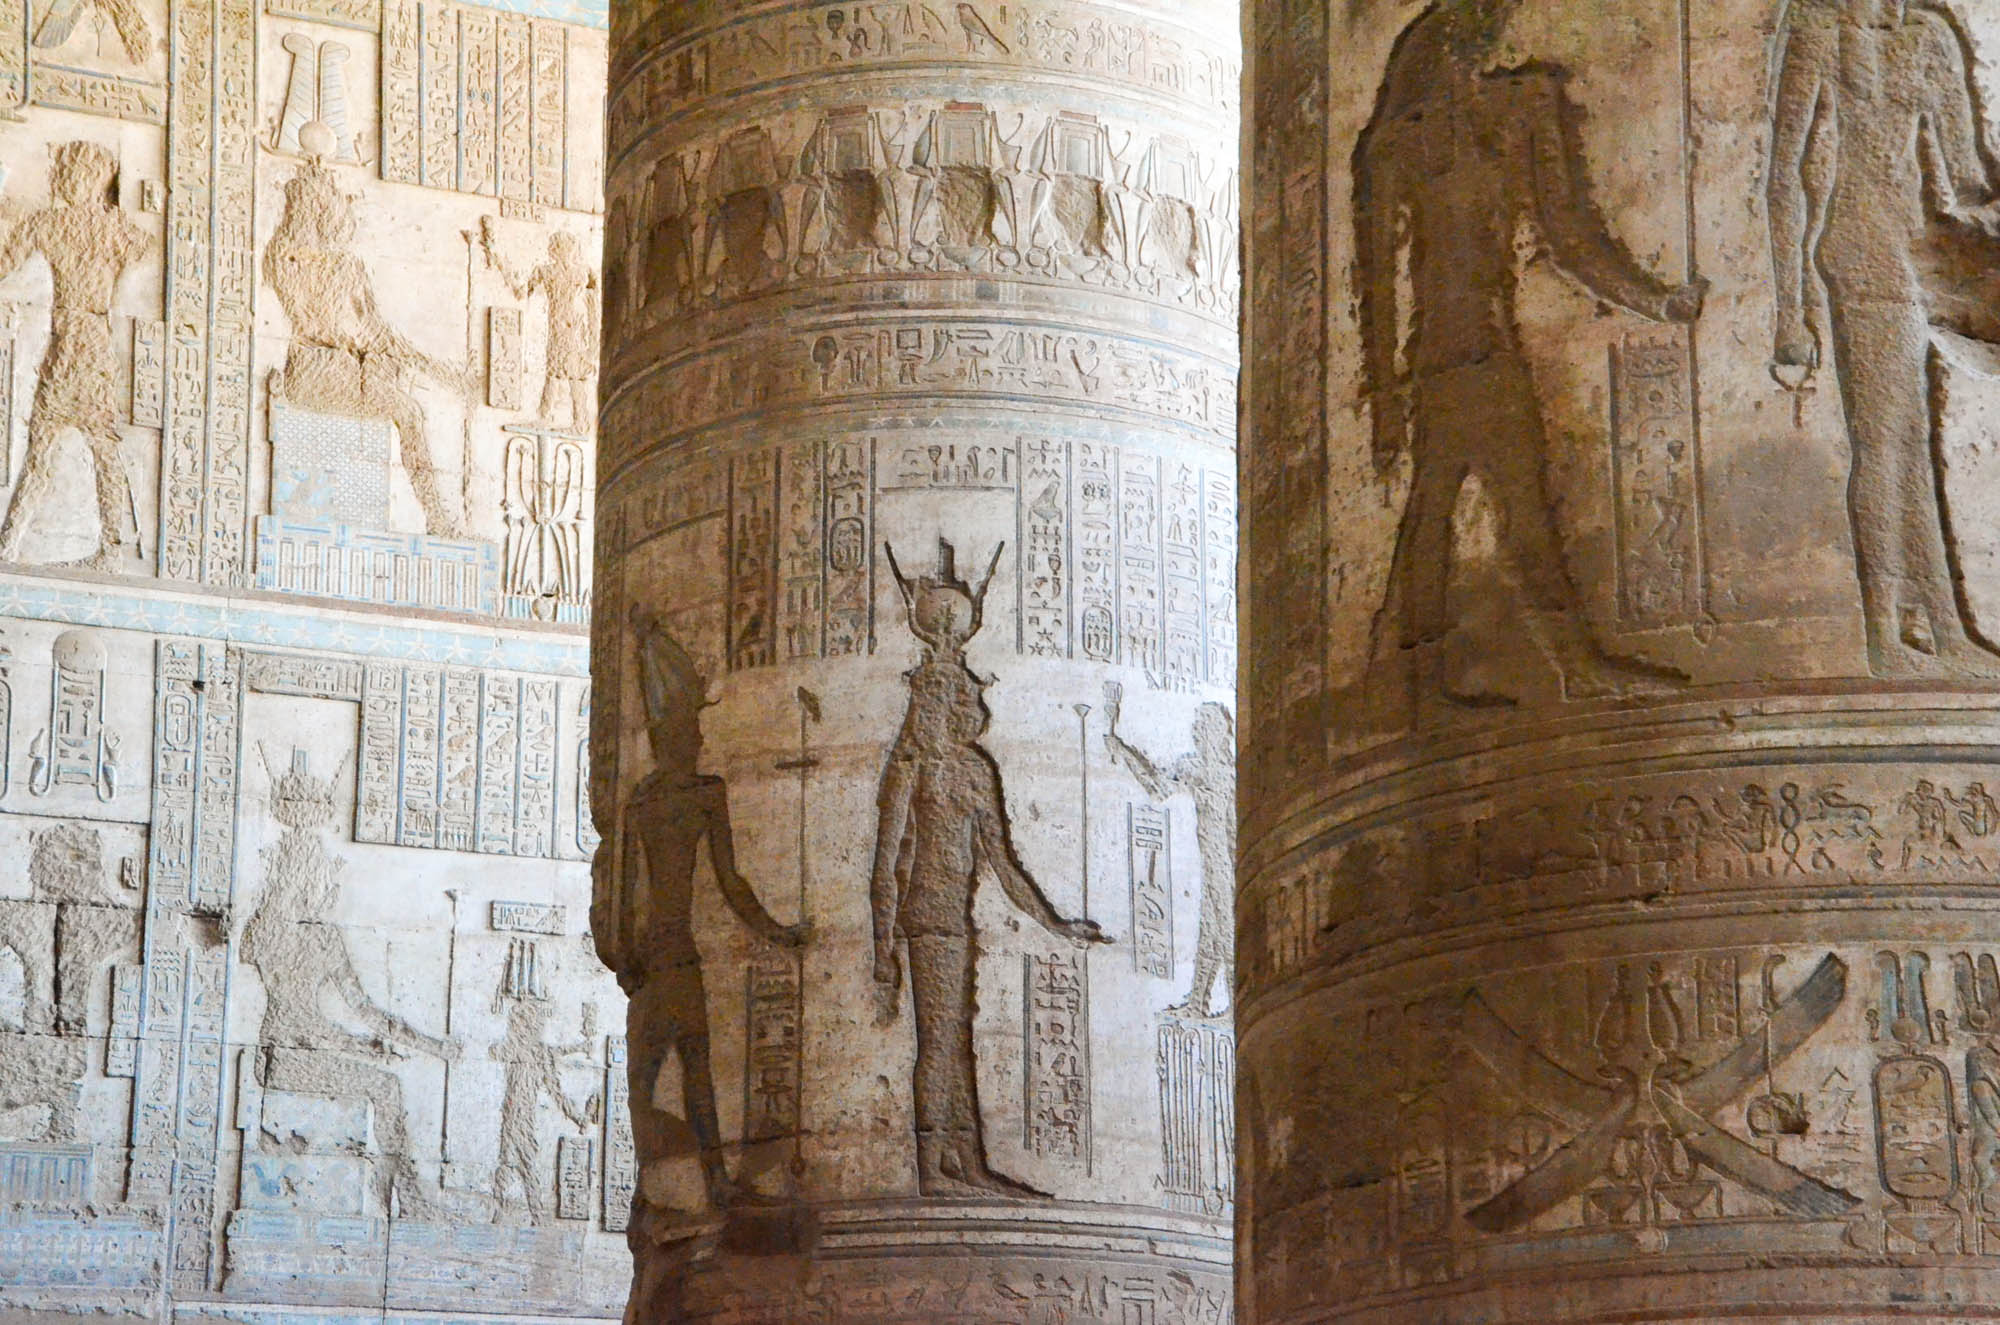 Frühe Christen zerstörten die kunsthistorisch wertvollen Darstellungen der heidnischen Göttin Hathor an den Wänden und Säulen im Tempel von Dendera, wodurch sie für die Nachwelt verloren gingen. Foto: Matthieu Götz.